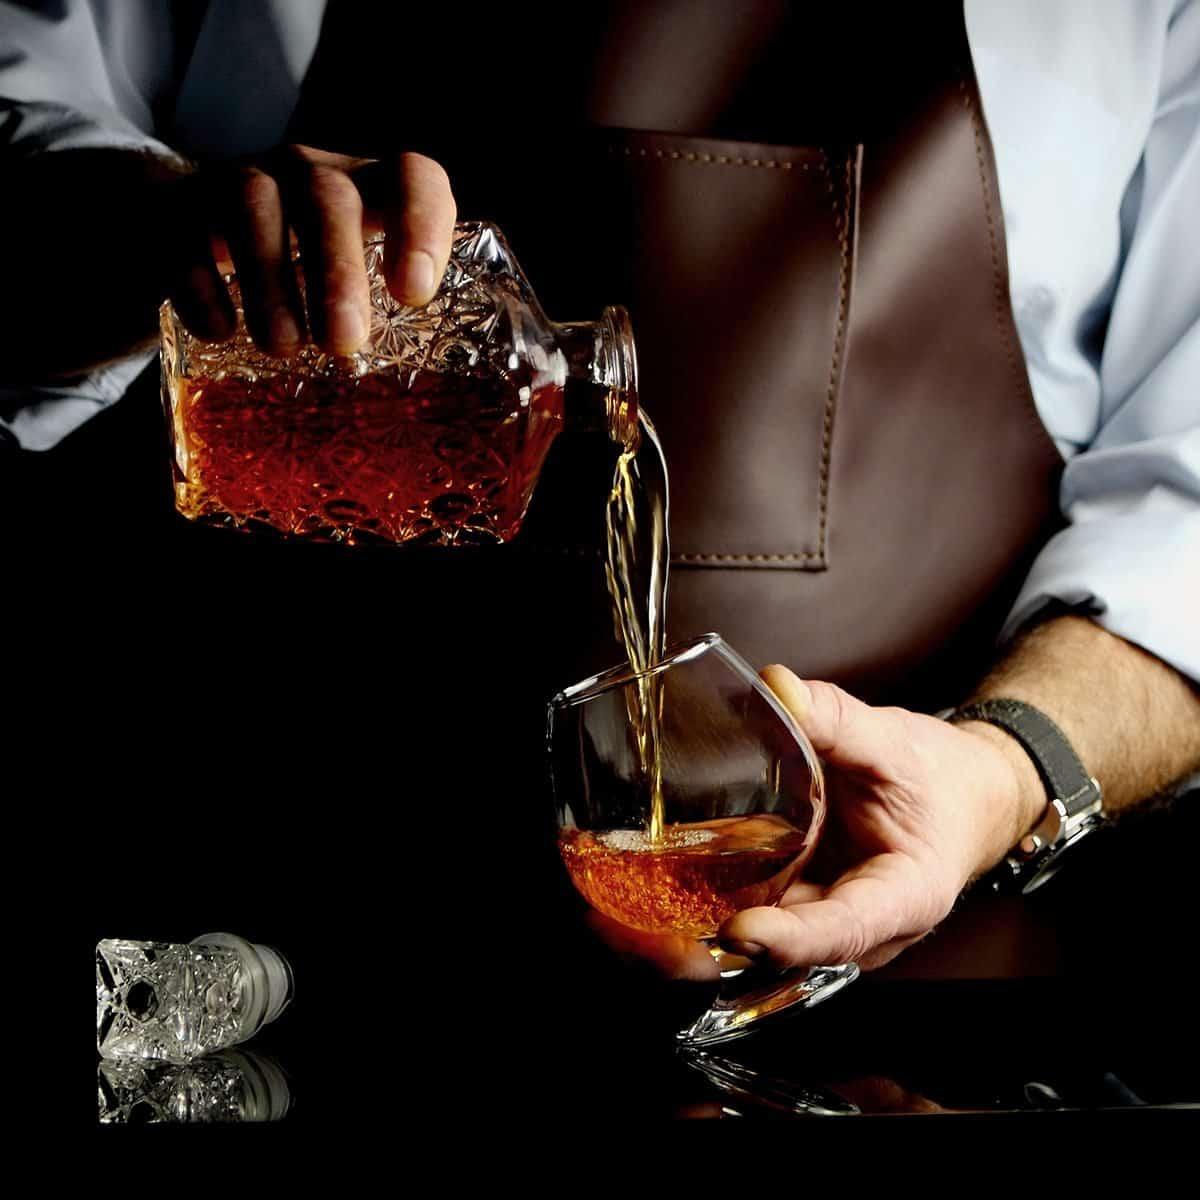 el hombre vierte brandy en un vaso detrás de la barra